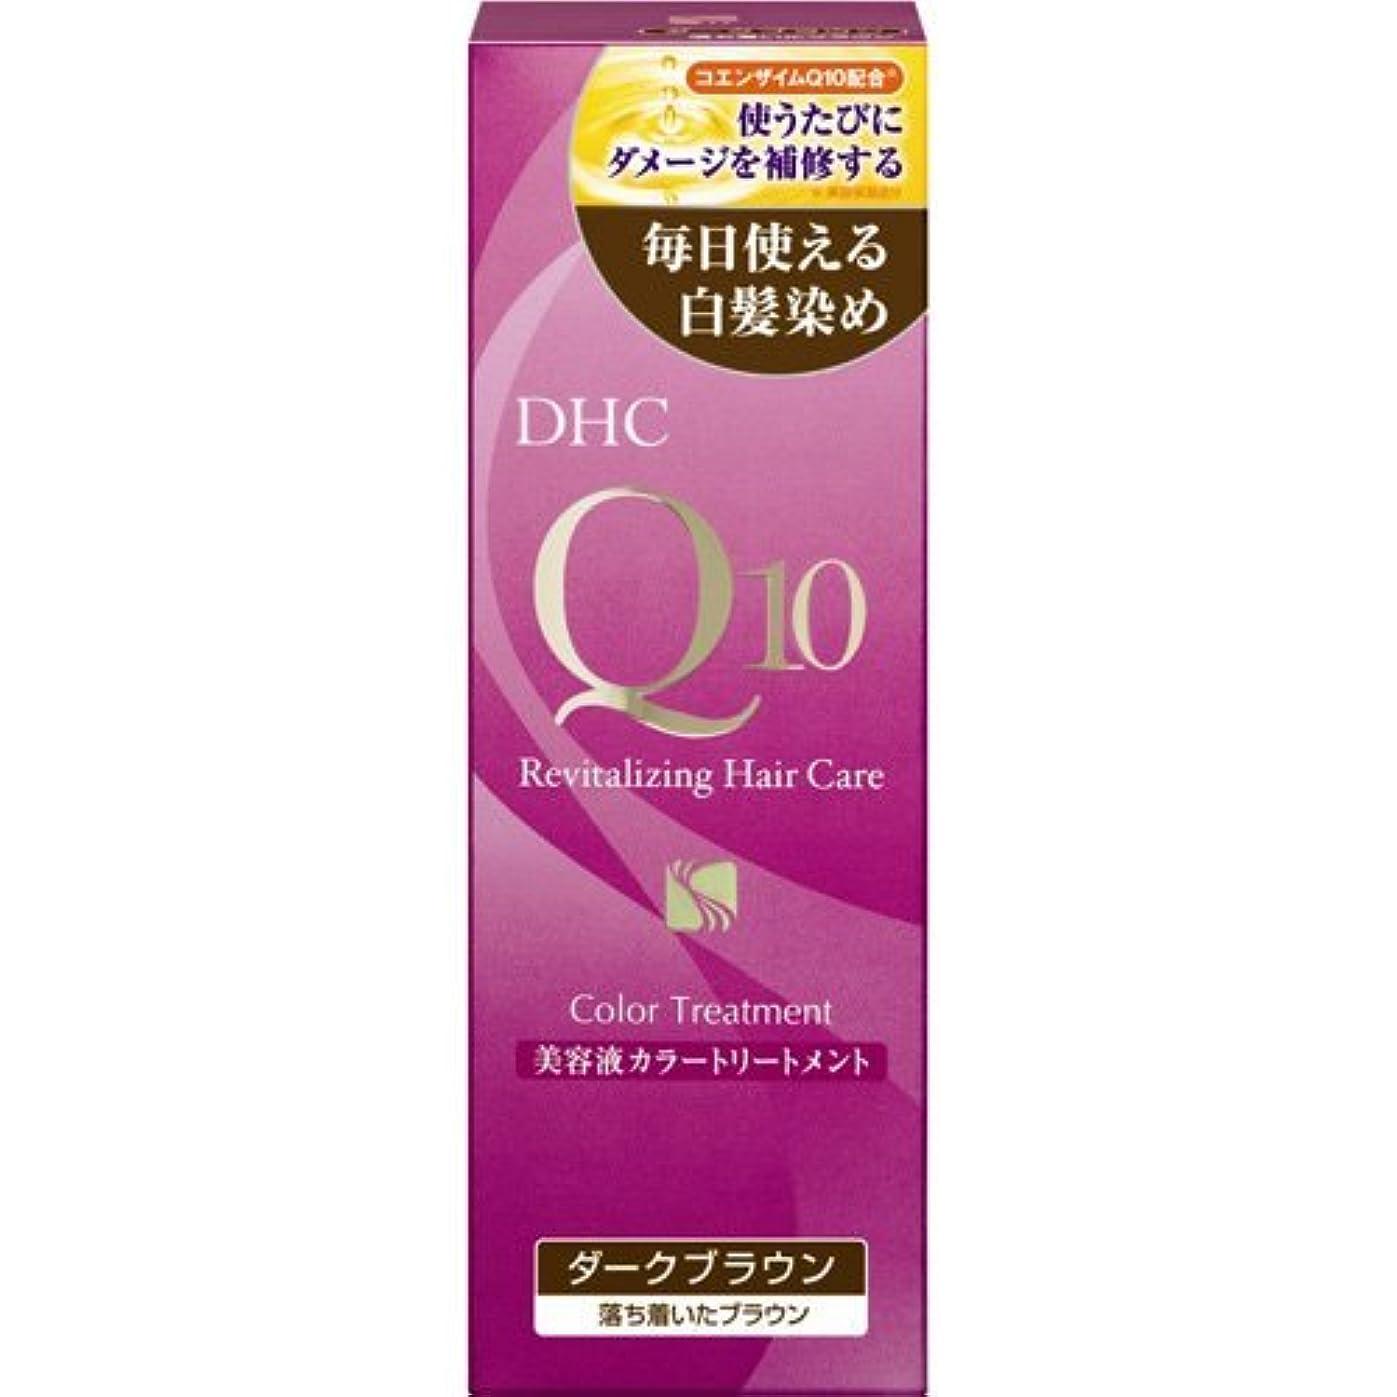 マイクかもめ定数【まとめ買い】DHC Q10美溶液カラートリートメントDブラウンSS170g ×4個